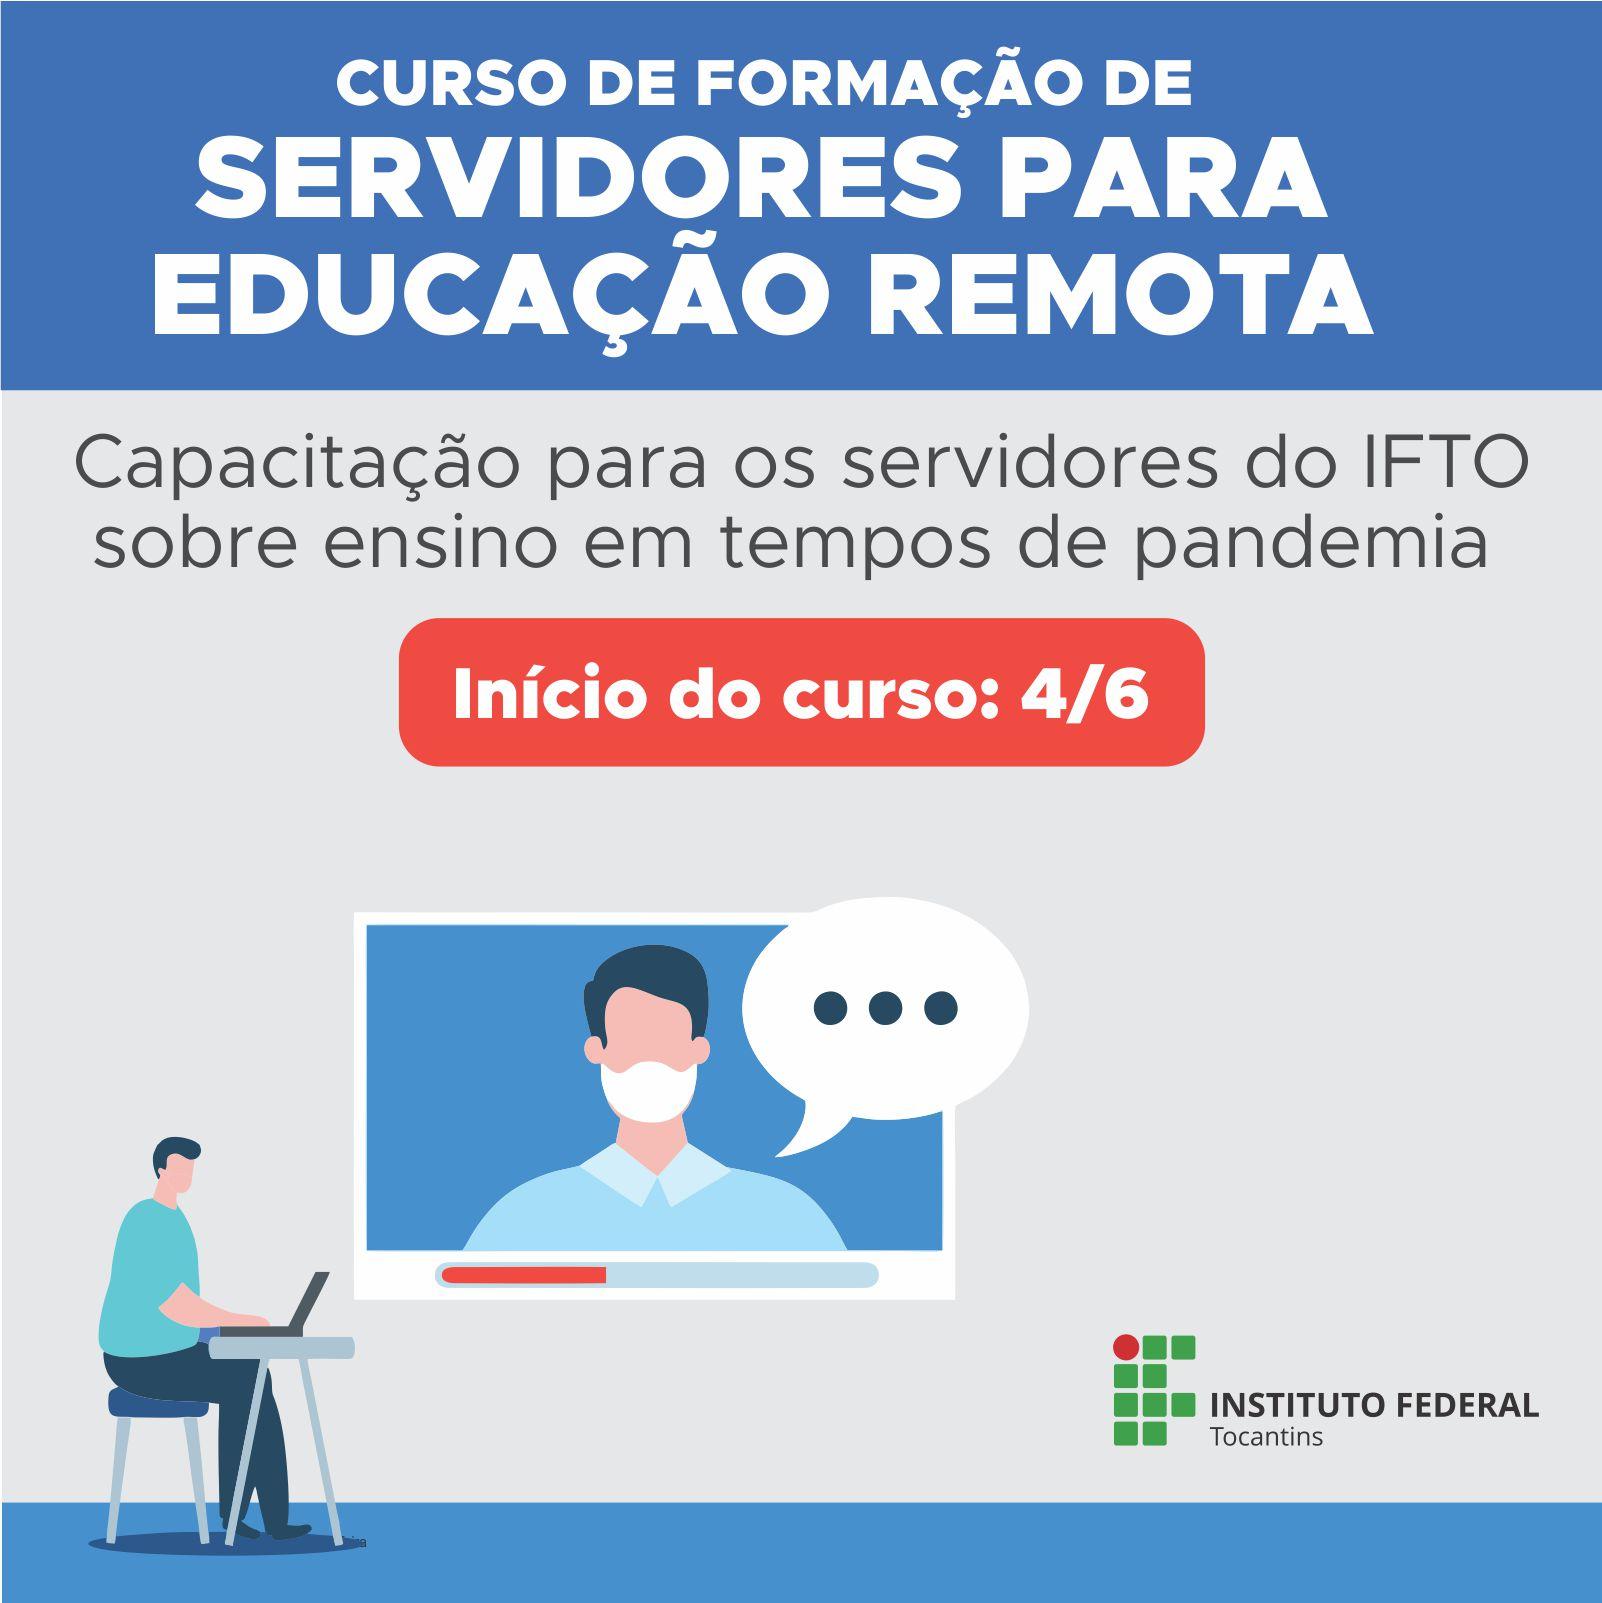 Curso de formação de servidores do IFTO para educação remota